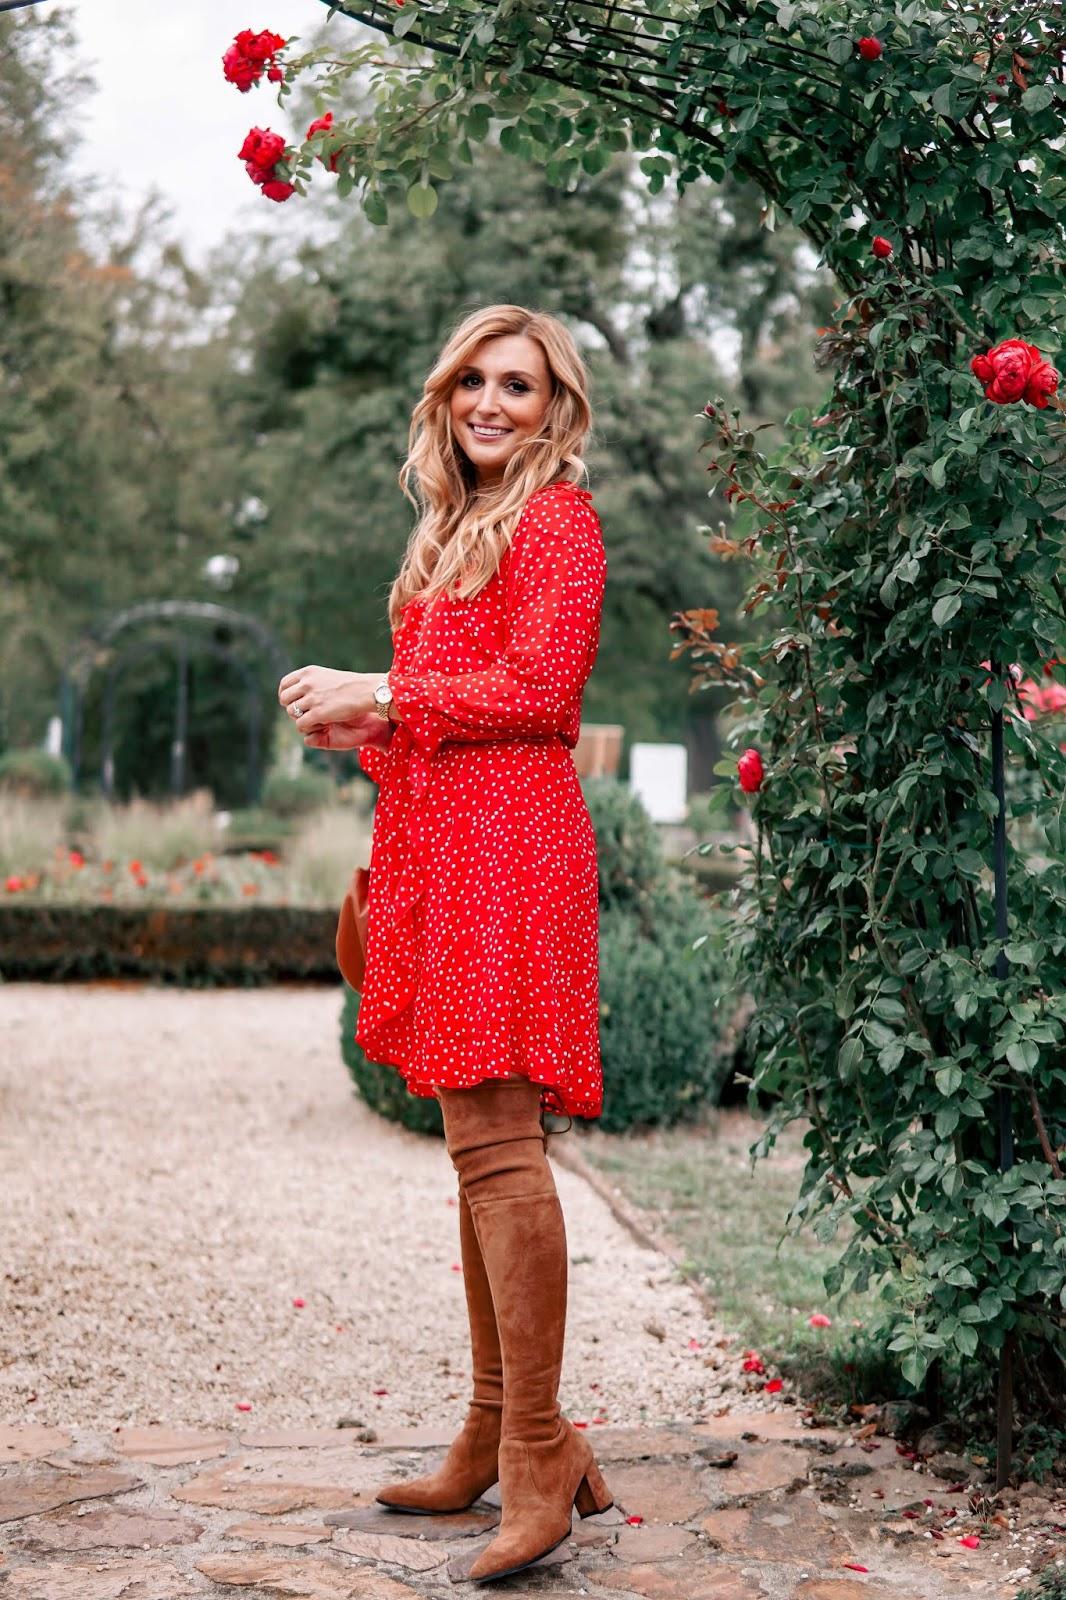 Wie Tragt Man Ein Rotes Kleid Im Herbst Fashionstylebyjohanna Fashionblog Beautyblog Outdoorblog Aus Frankfurt